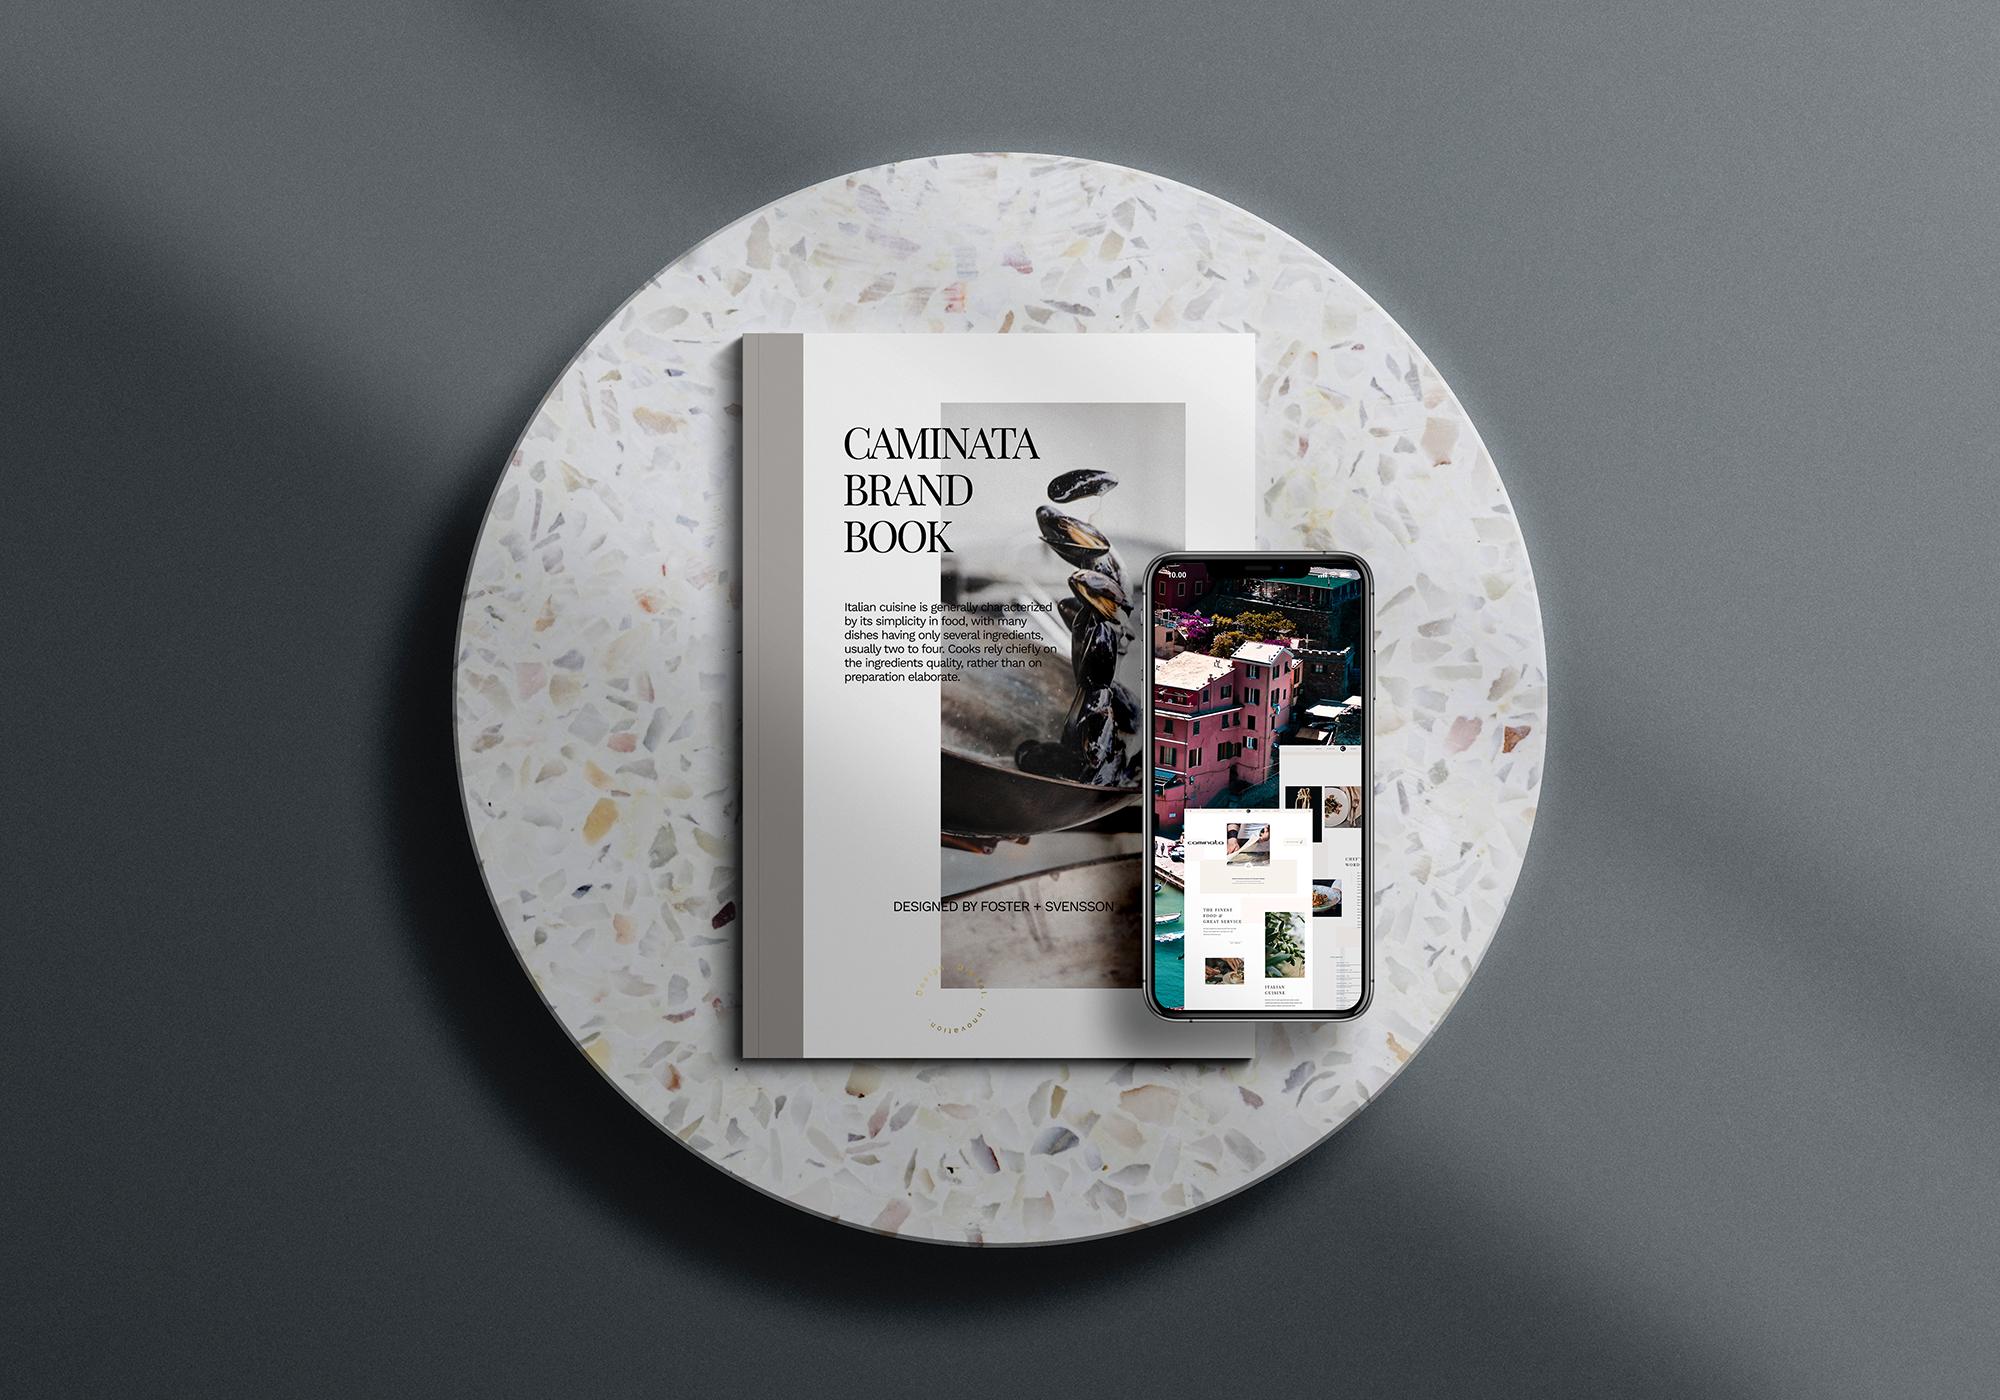 Caminata website redesign